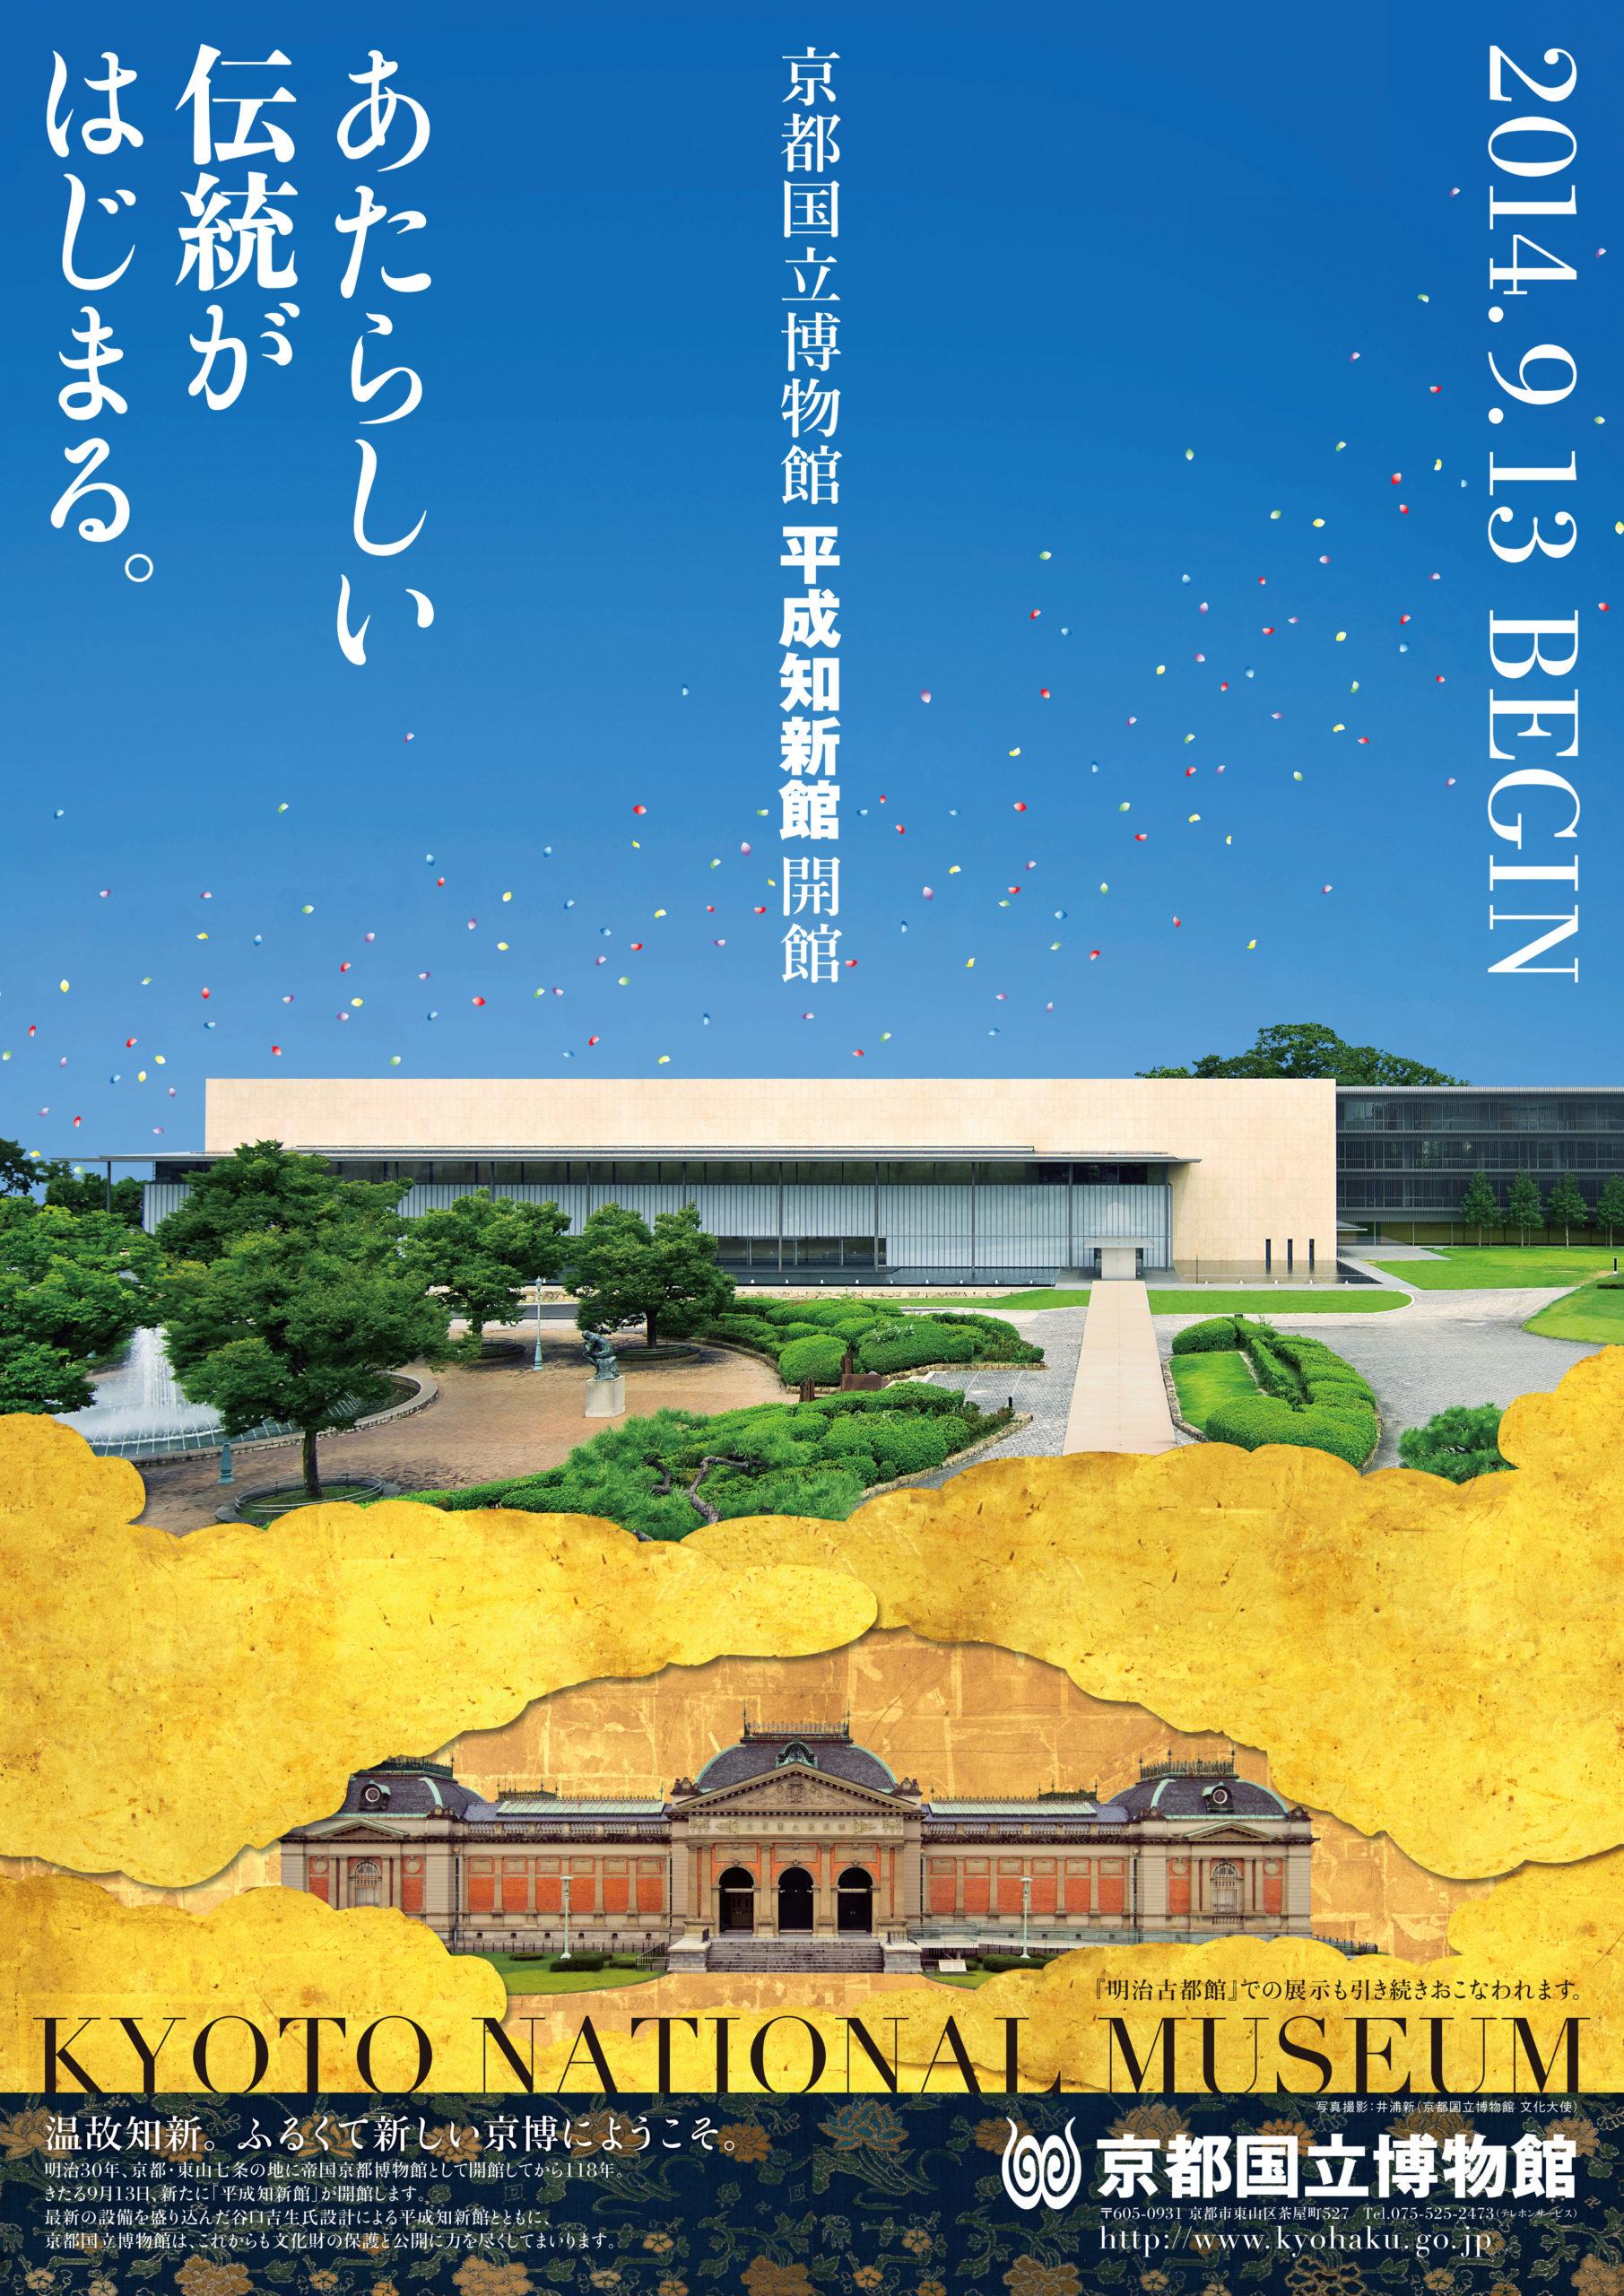 京都国立博物館 新館開館 告知ポスターなど